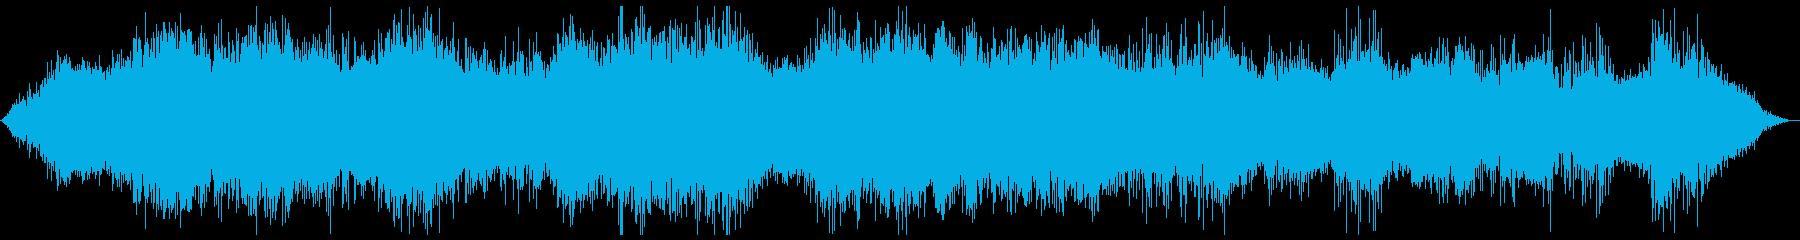 オルゴールのような切ないかわいいミニマルの再生済みの波形